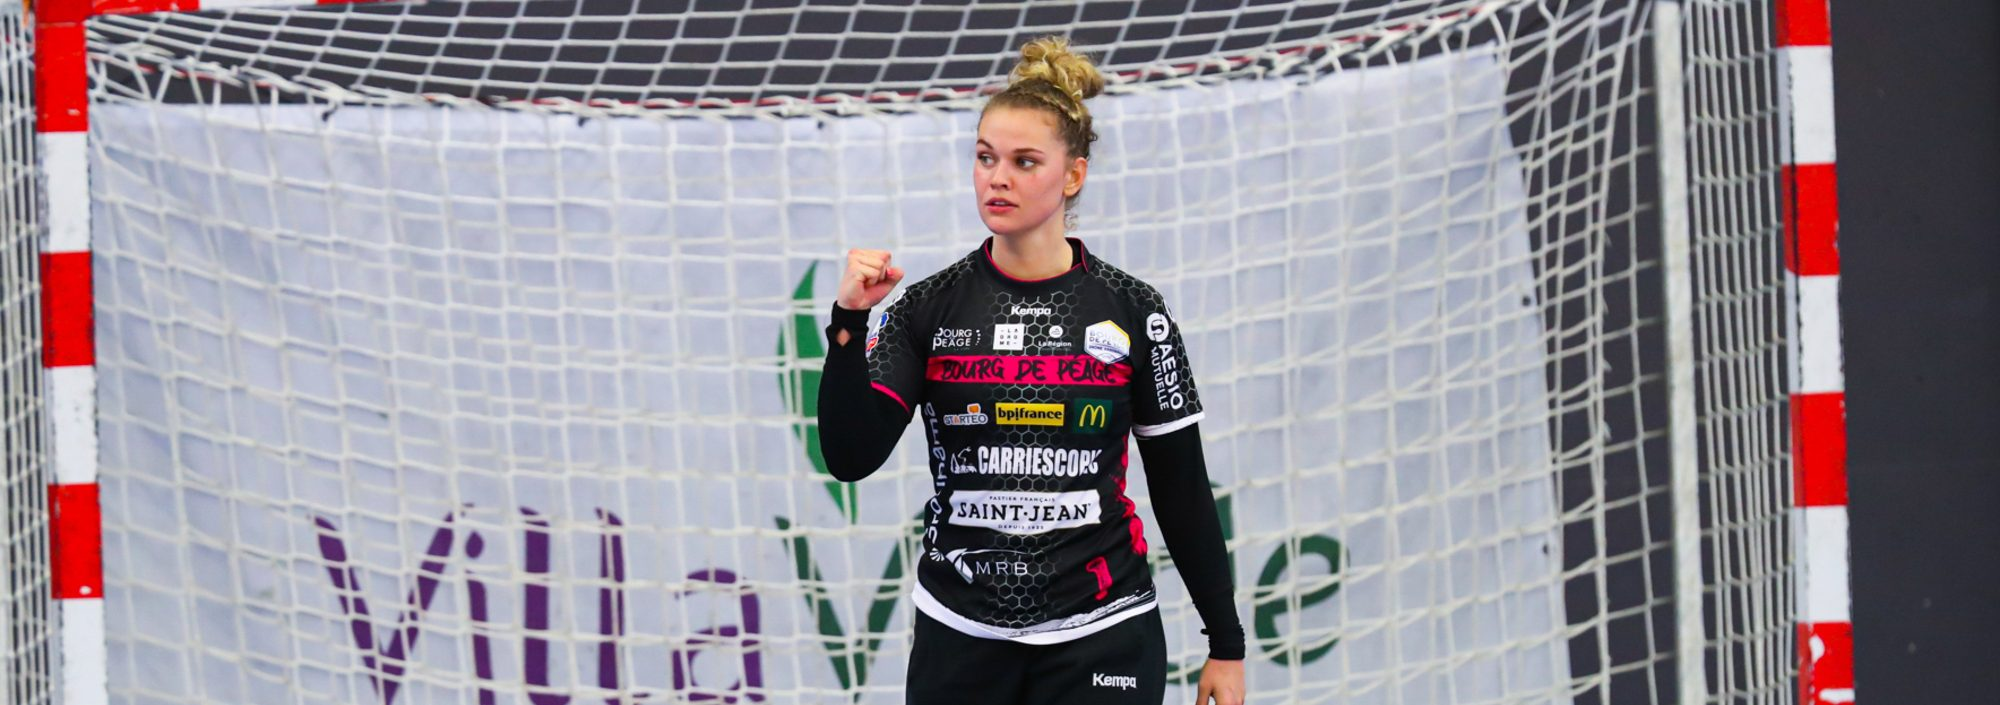 Camille Depuiset est élue meilleure joueuse du mois de septembre